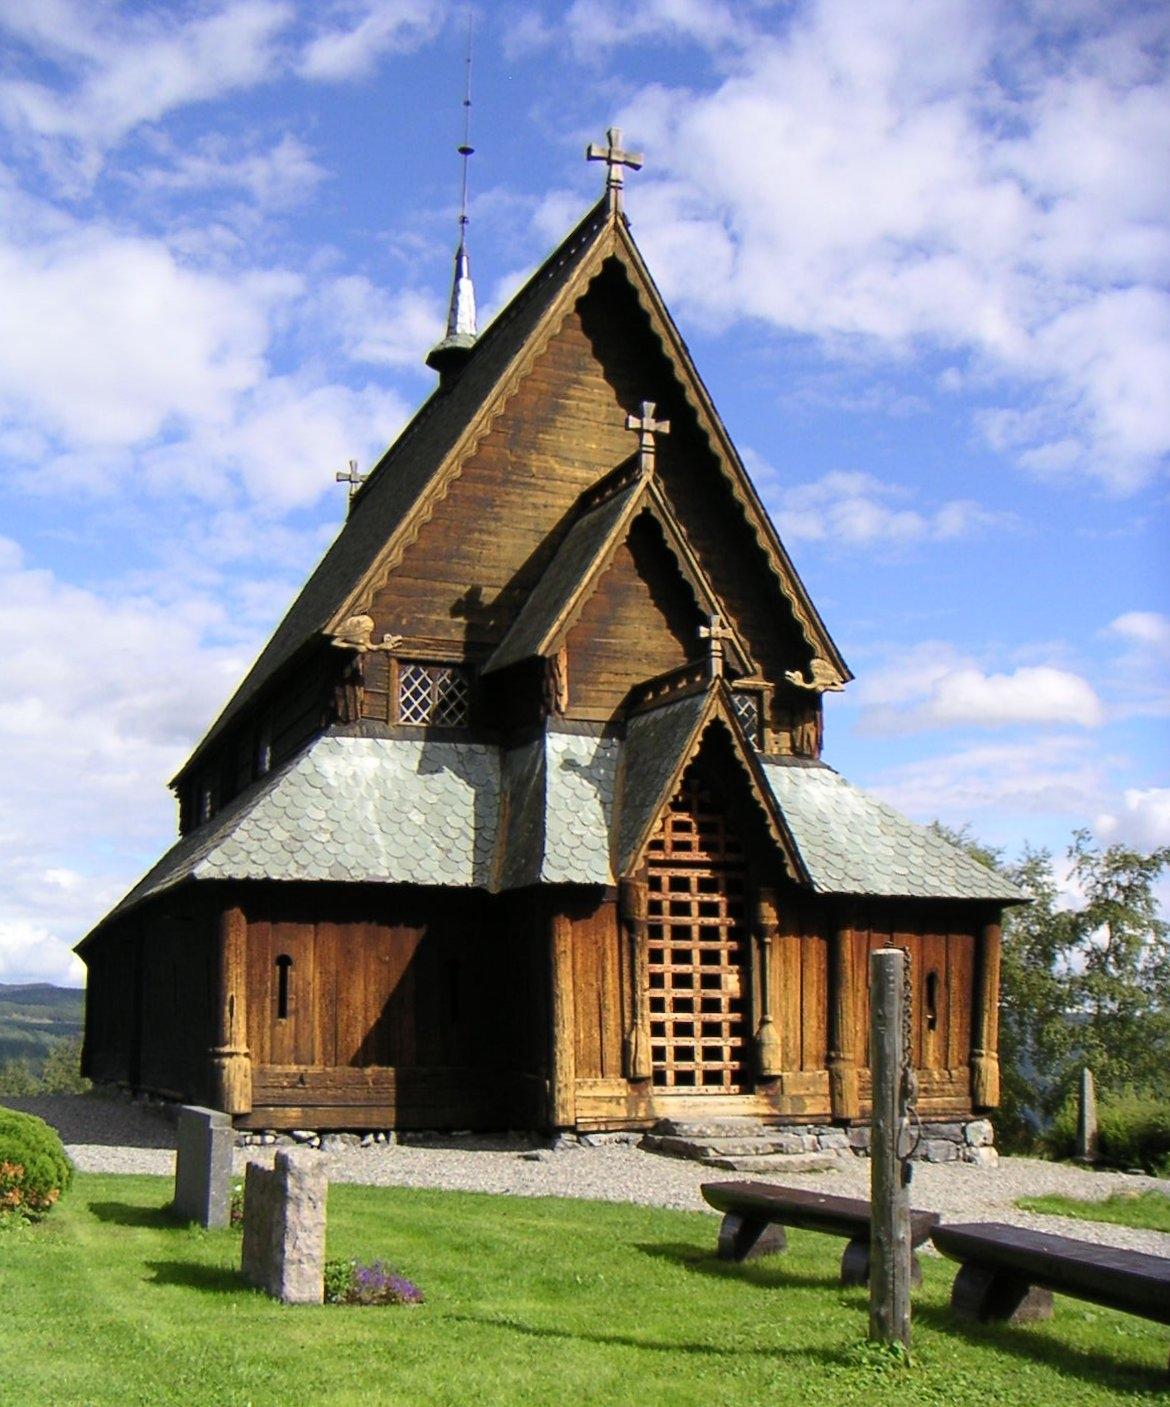 Quanto durano le case in legno jove for Piani di casa chalet svizzero